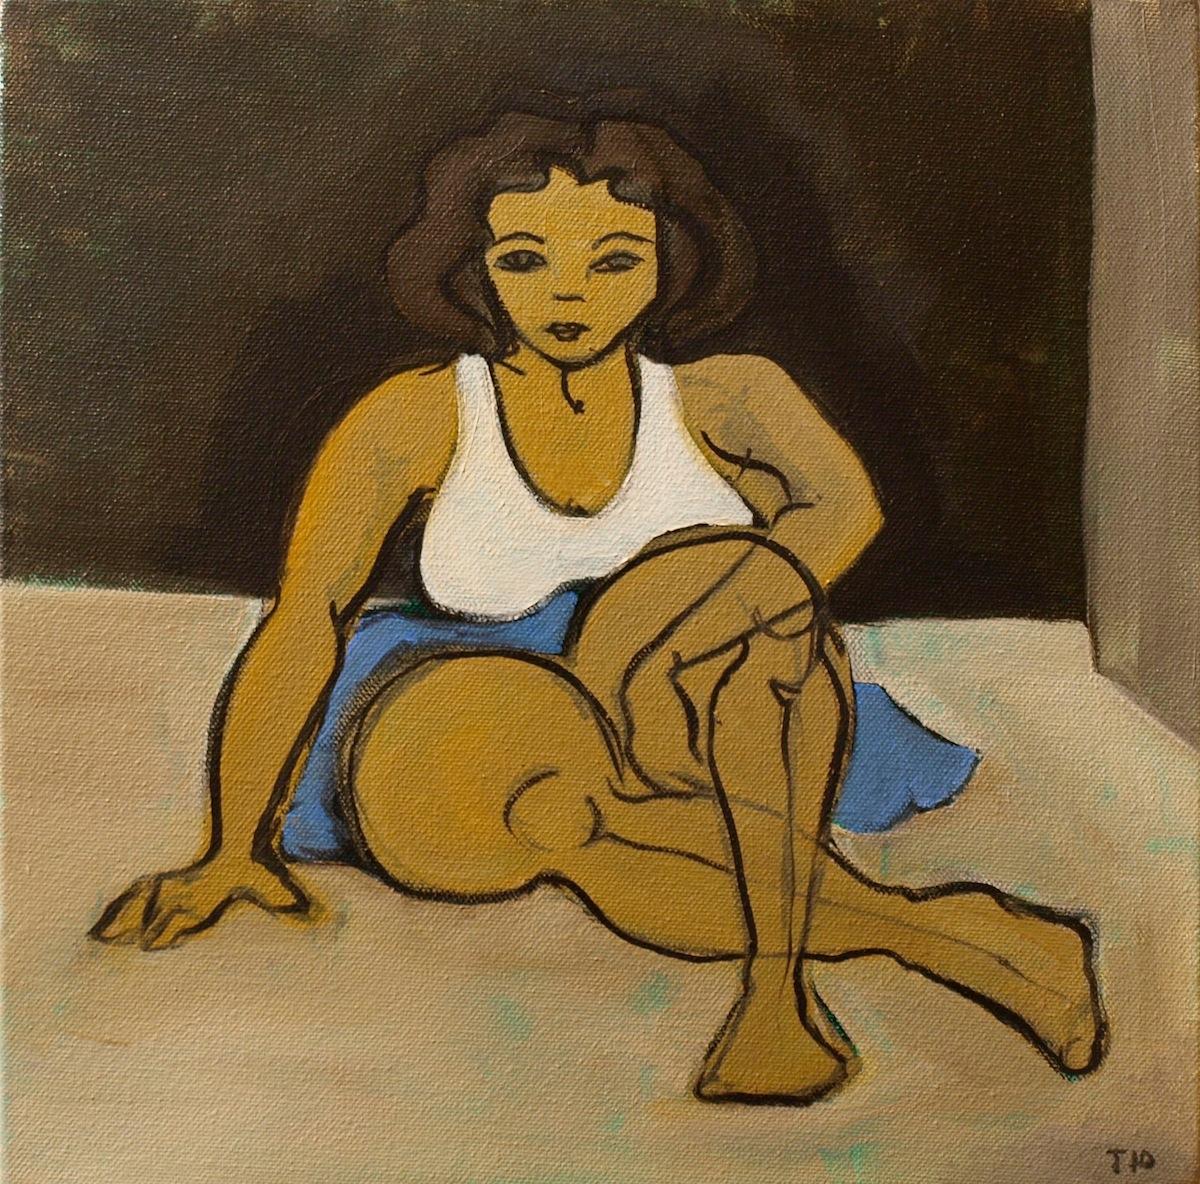 Gesture Painting Series